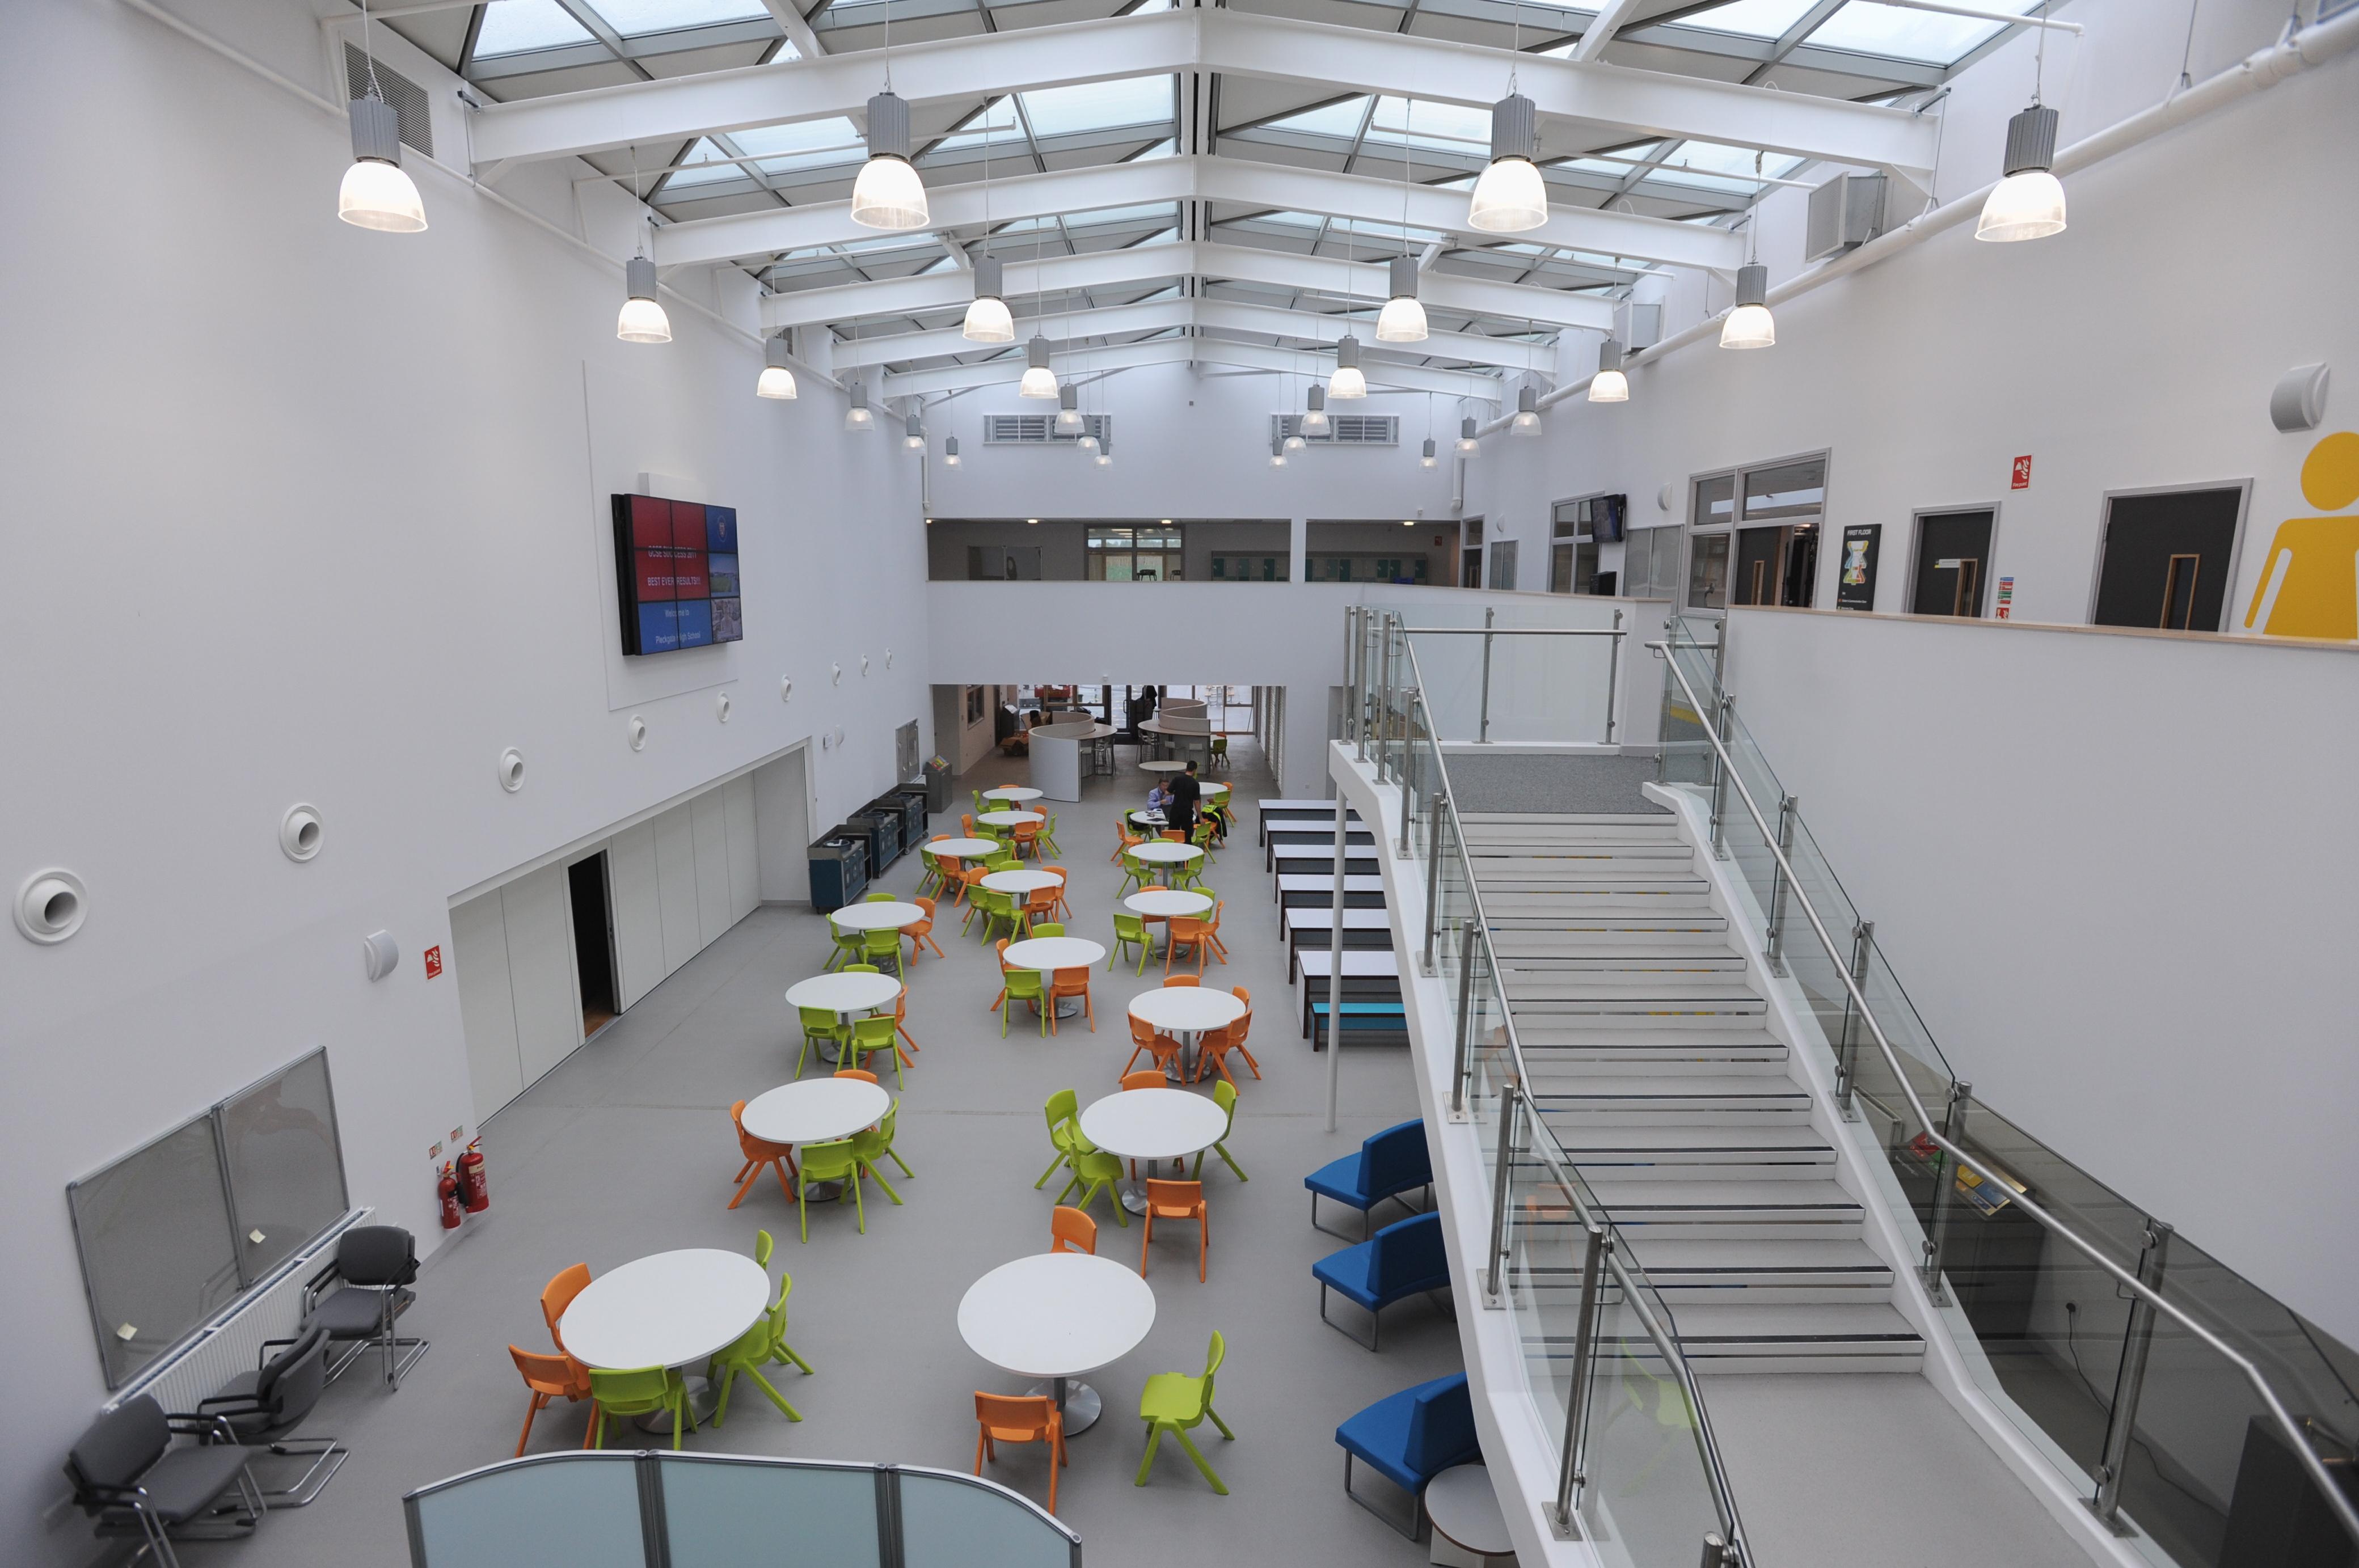 Orange-Green-Plastic-Postura-Plus-Chairs-In-Atrium-Area